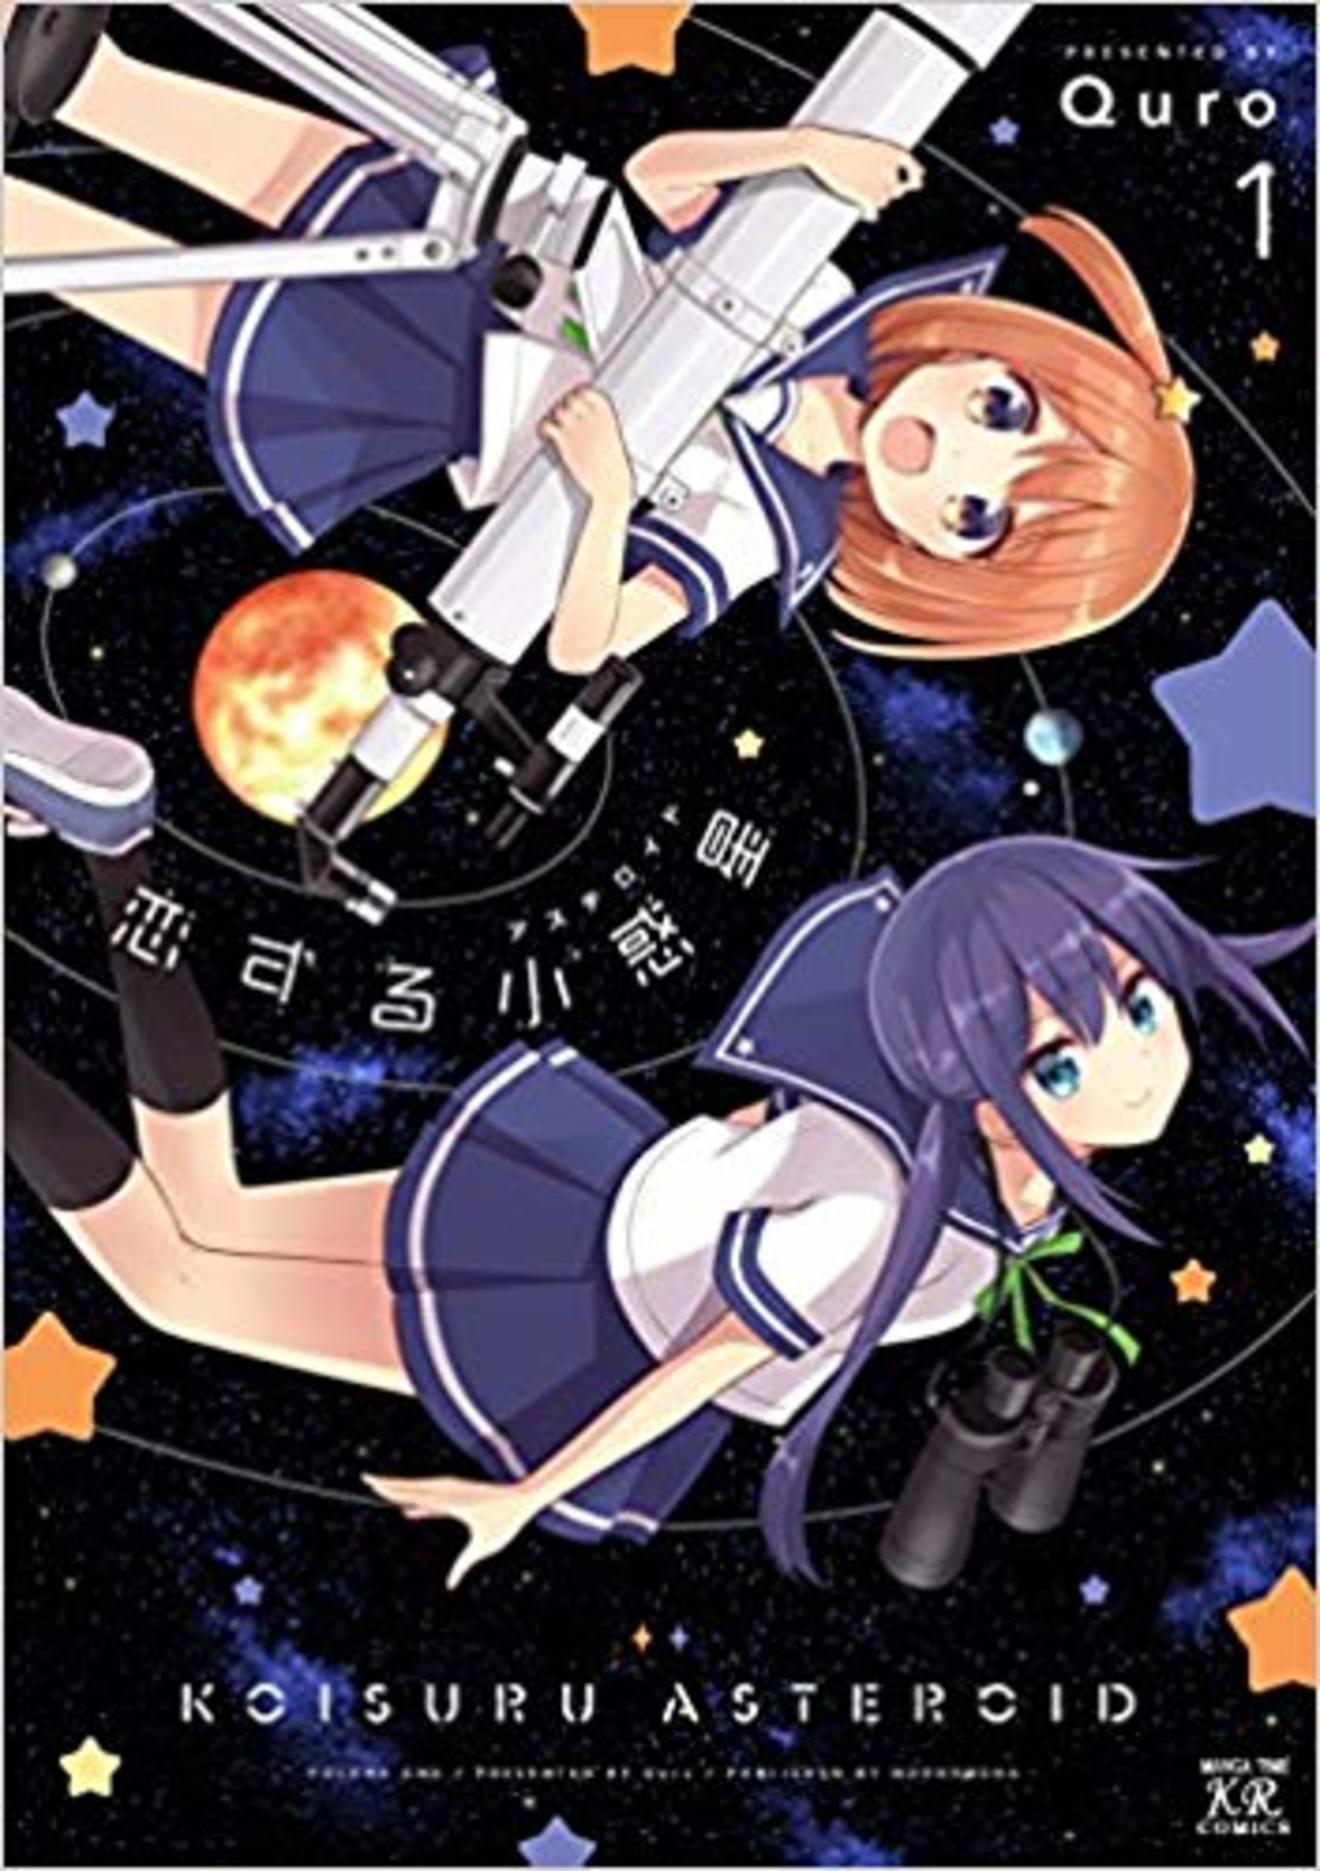 「恋する小惑星」全巻の見所をネタバレ!キャラが可愛い地学漫画【アニメ化】